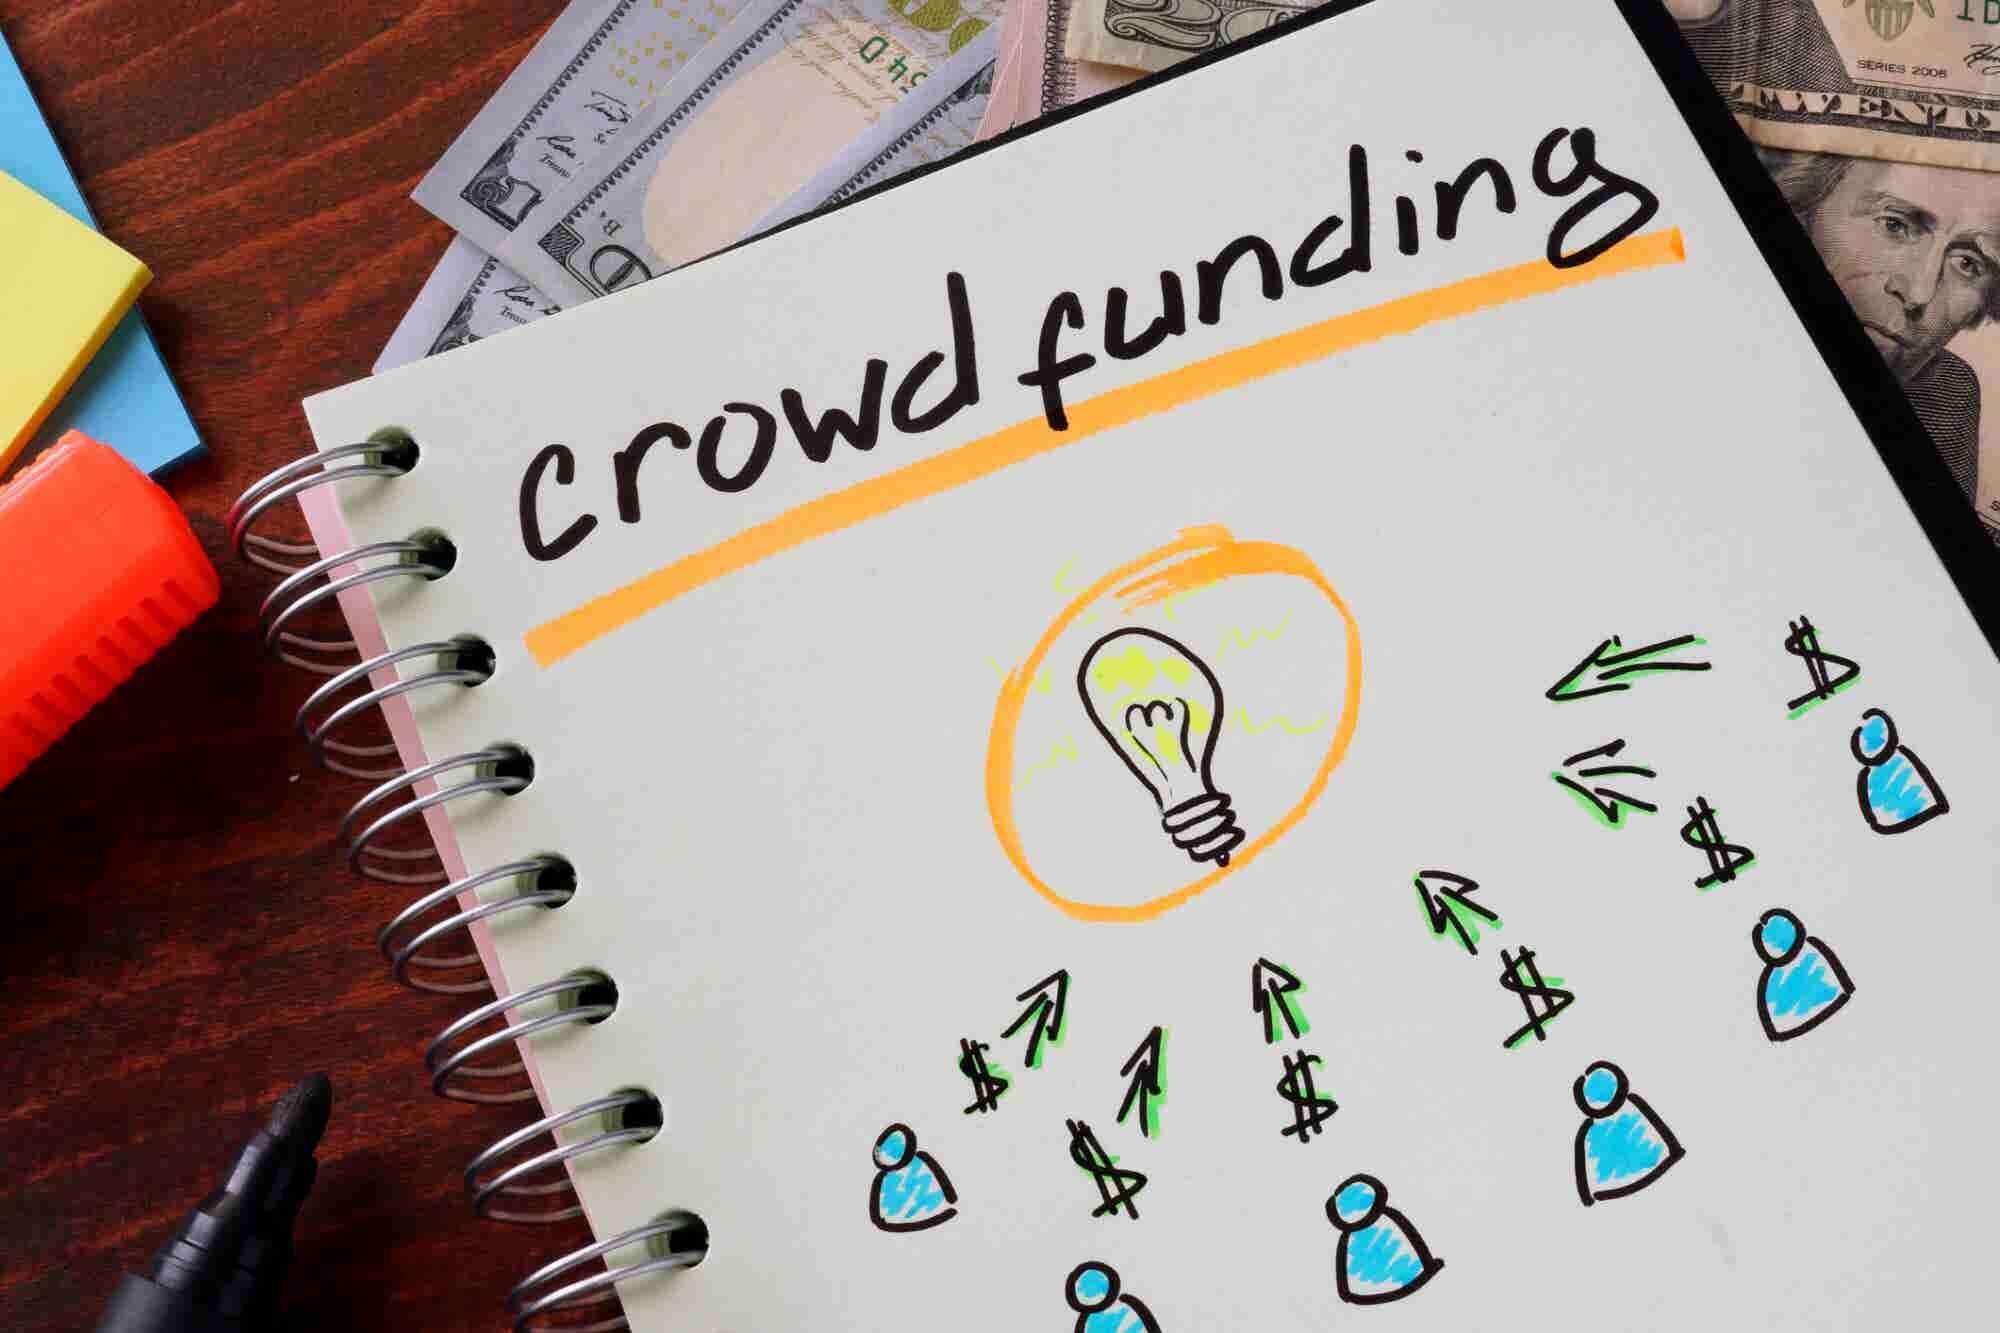 Beyond Kickstarter: 10 Niche Crowdfunding Platforms for Startups